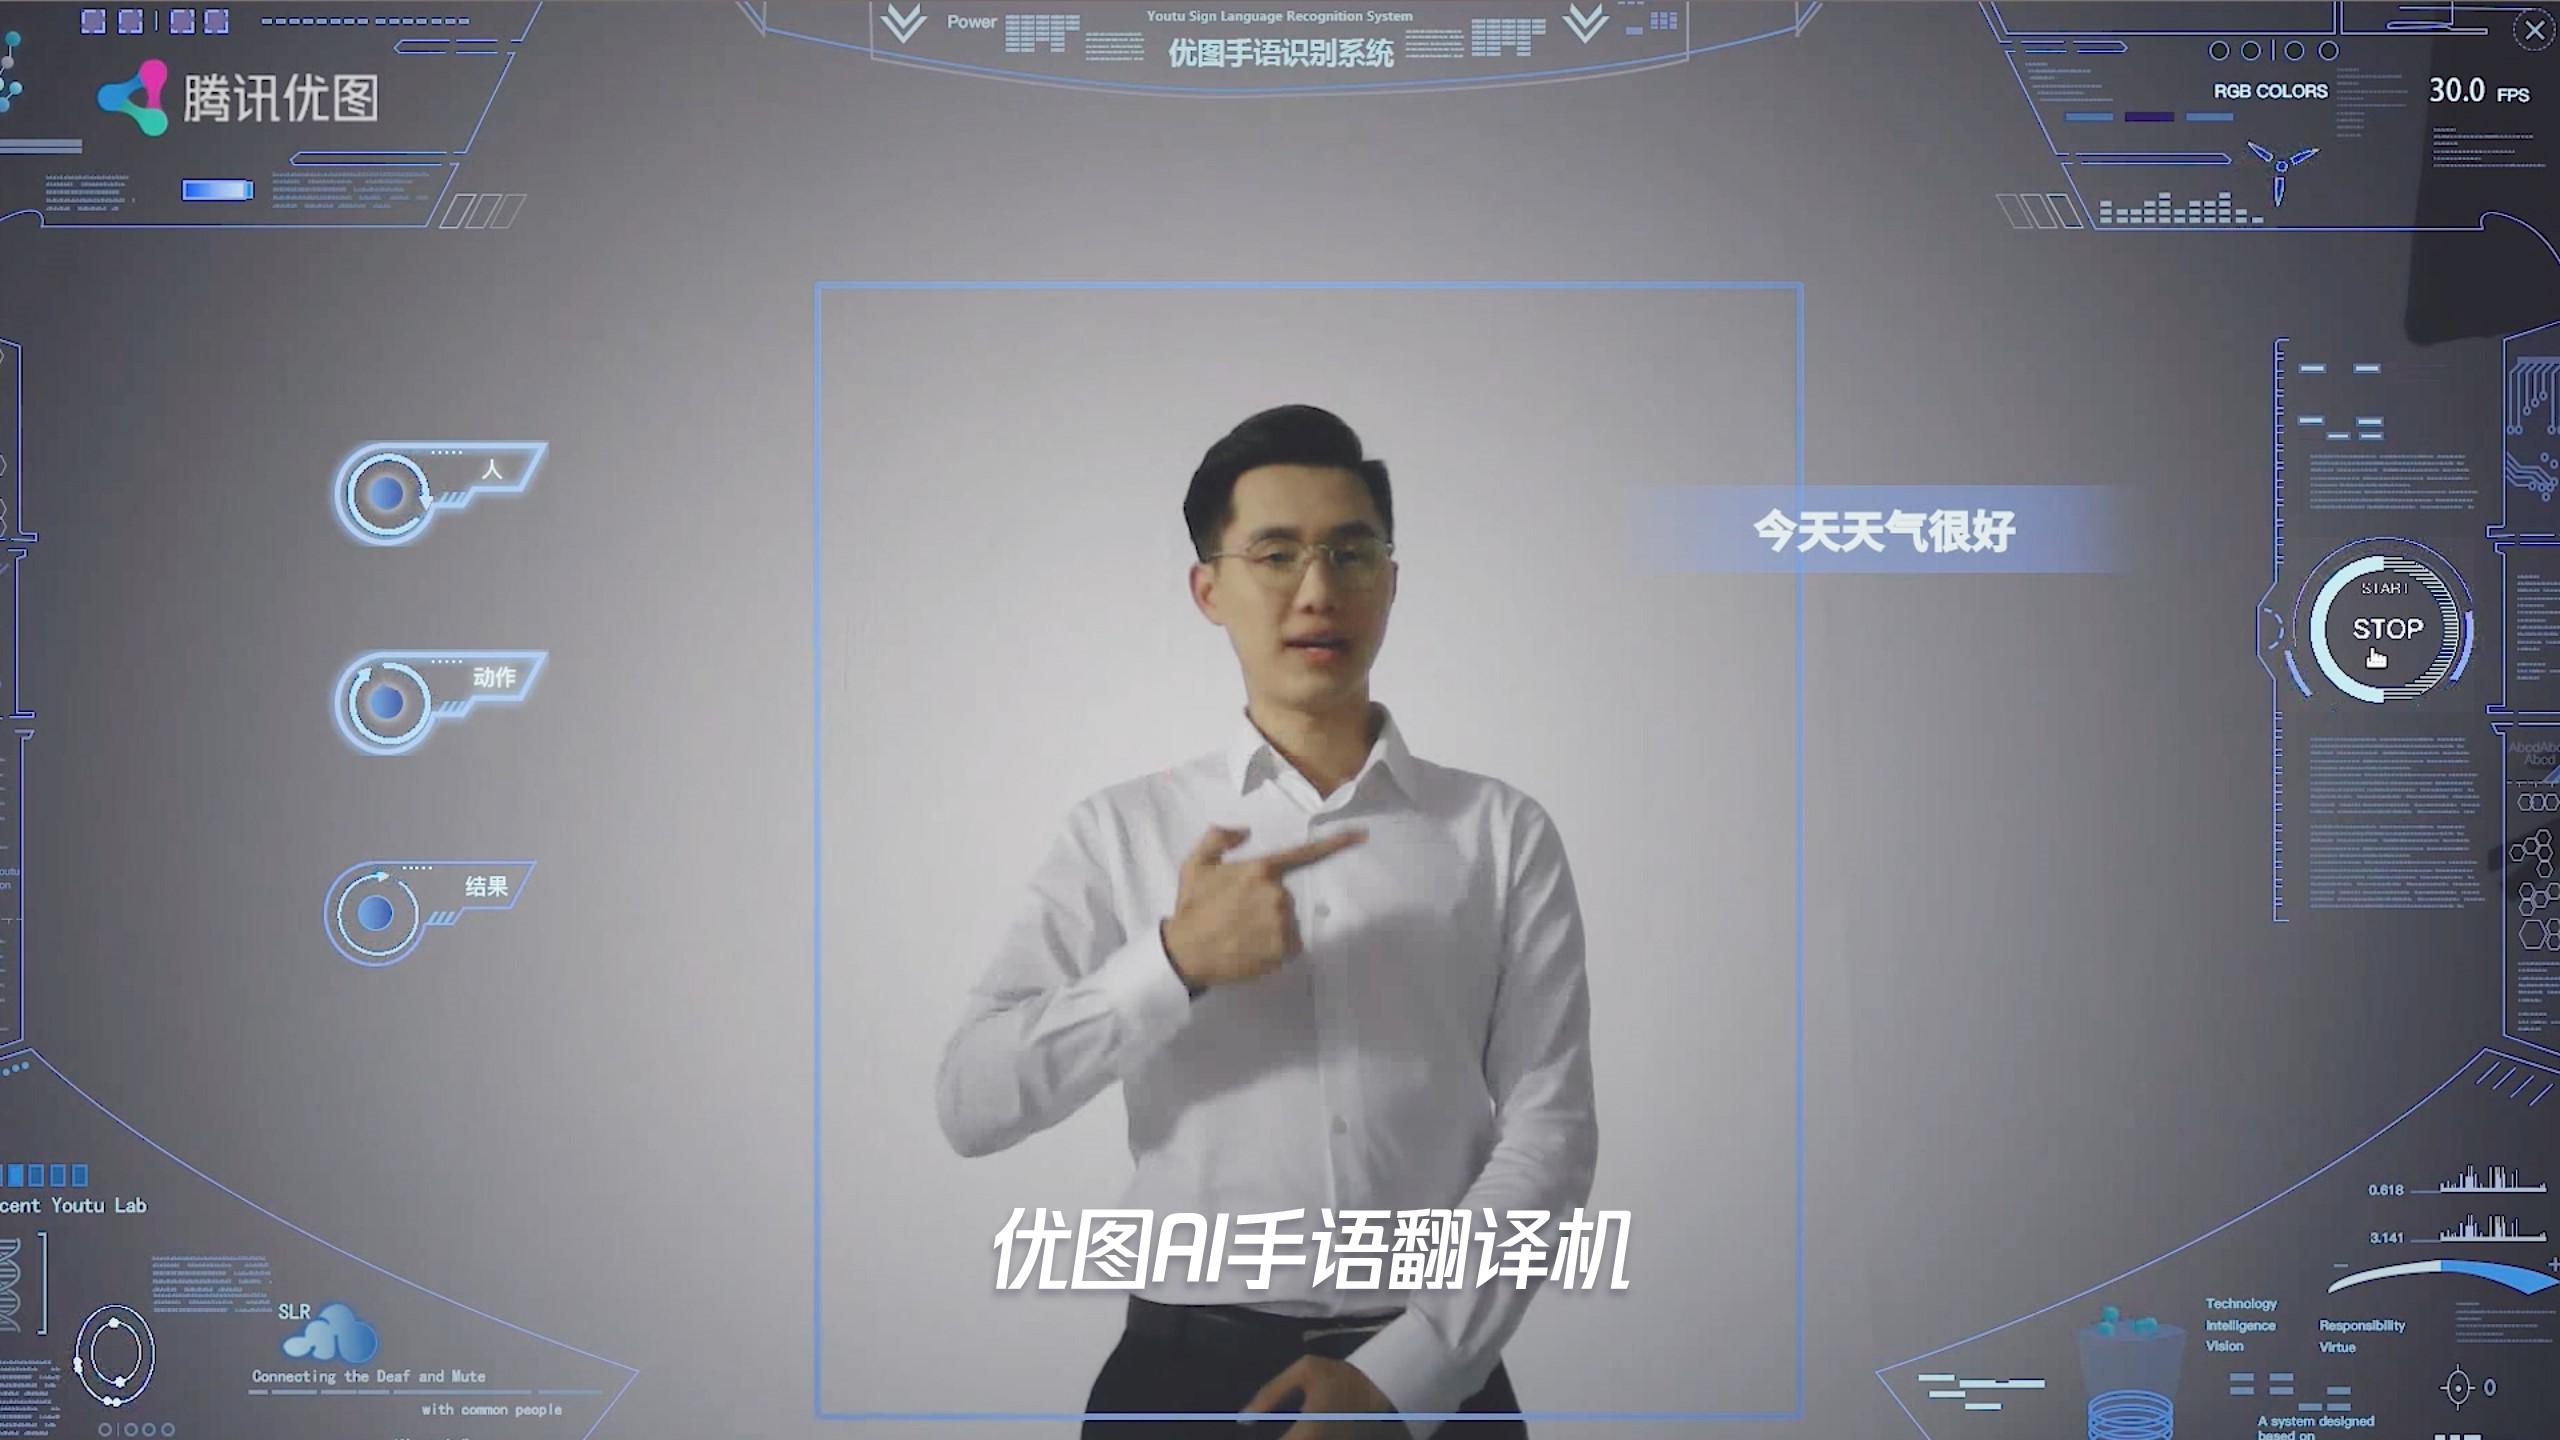 腾讯优图发布AI手语翻译机 有望实现听障人士无障碍沟通